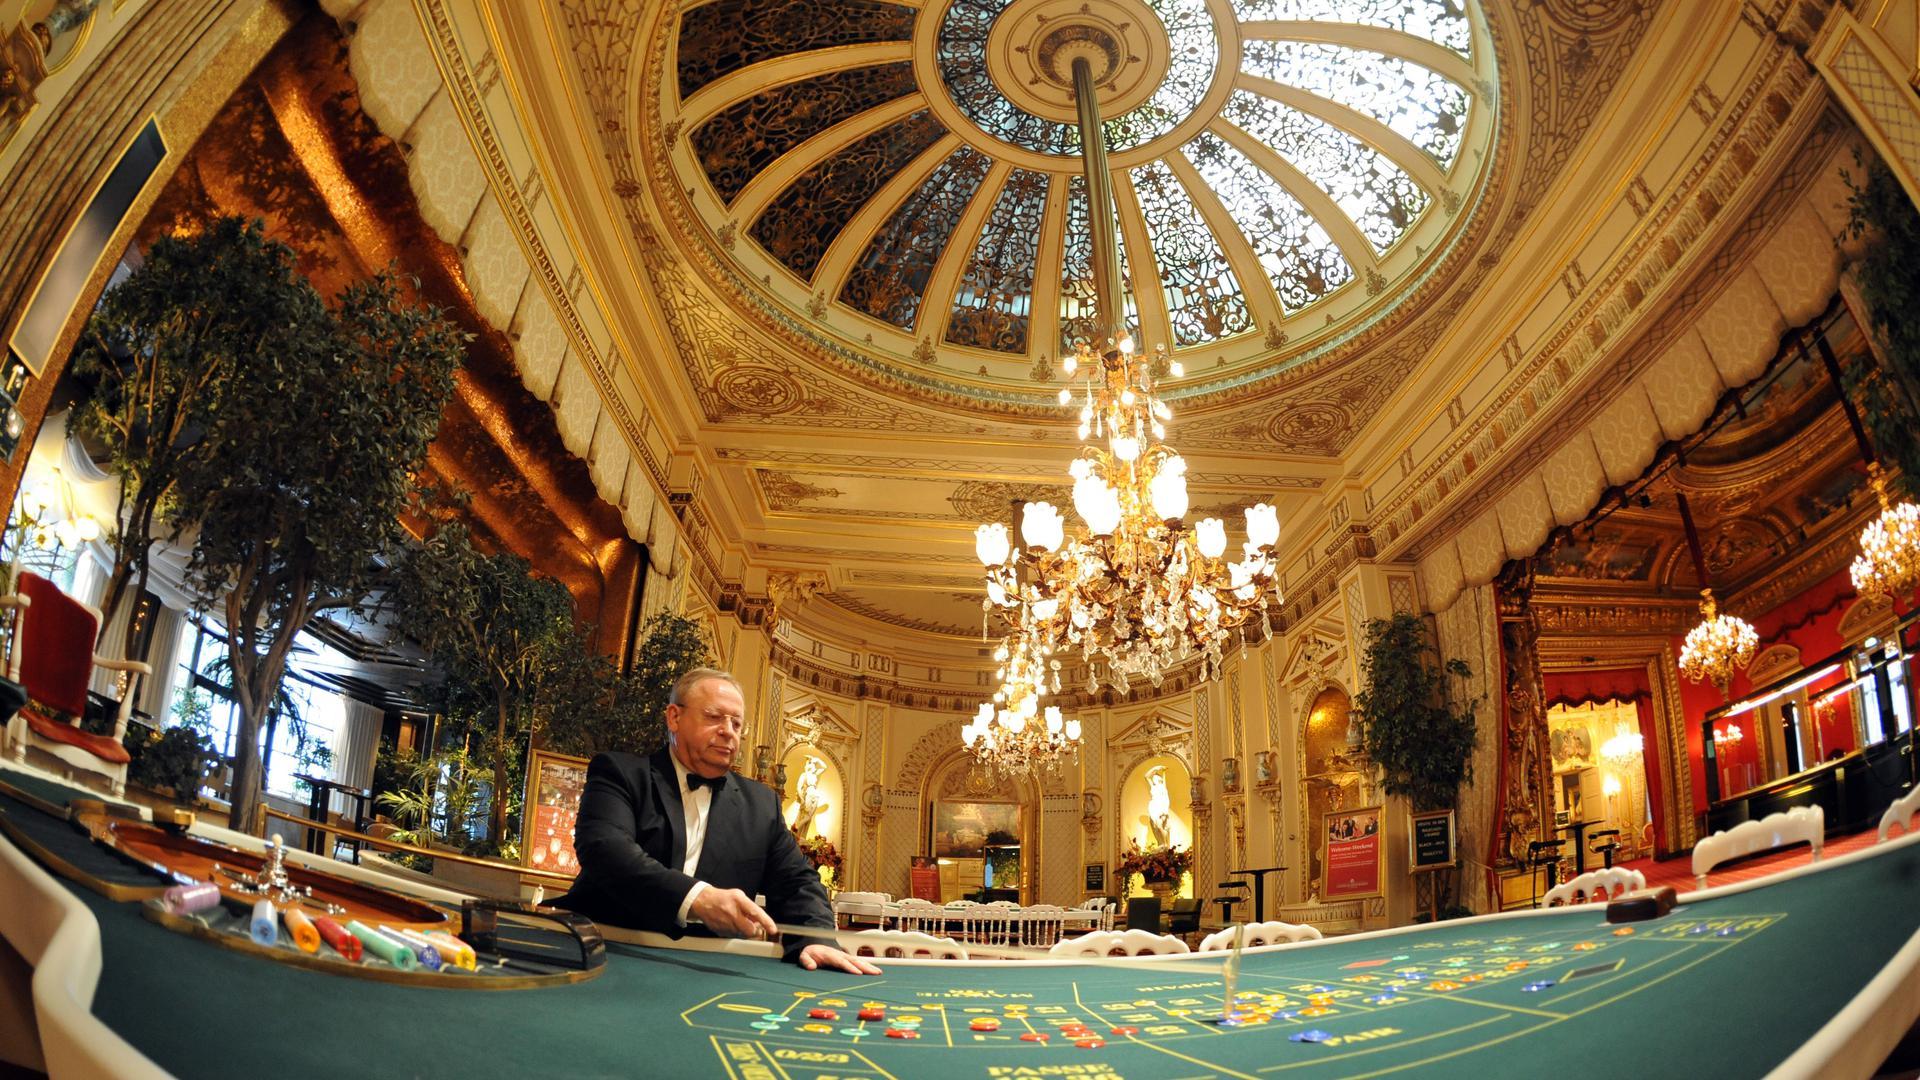 Wolf-Dieter Keitel, bandar di Casino Baden-Baden, sedang duduk di meja roulette Prancis di kasino di